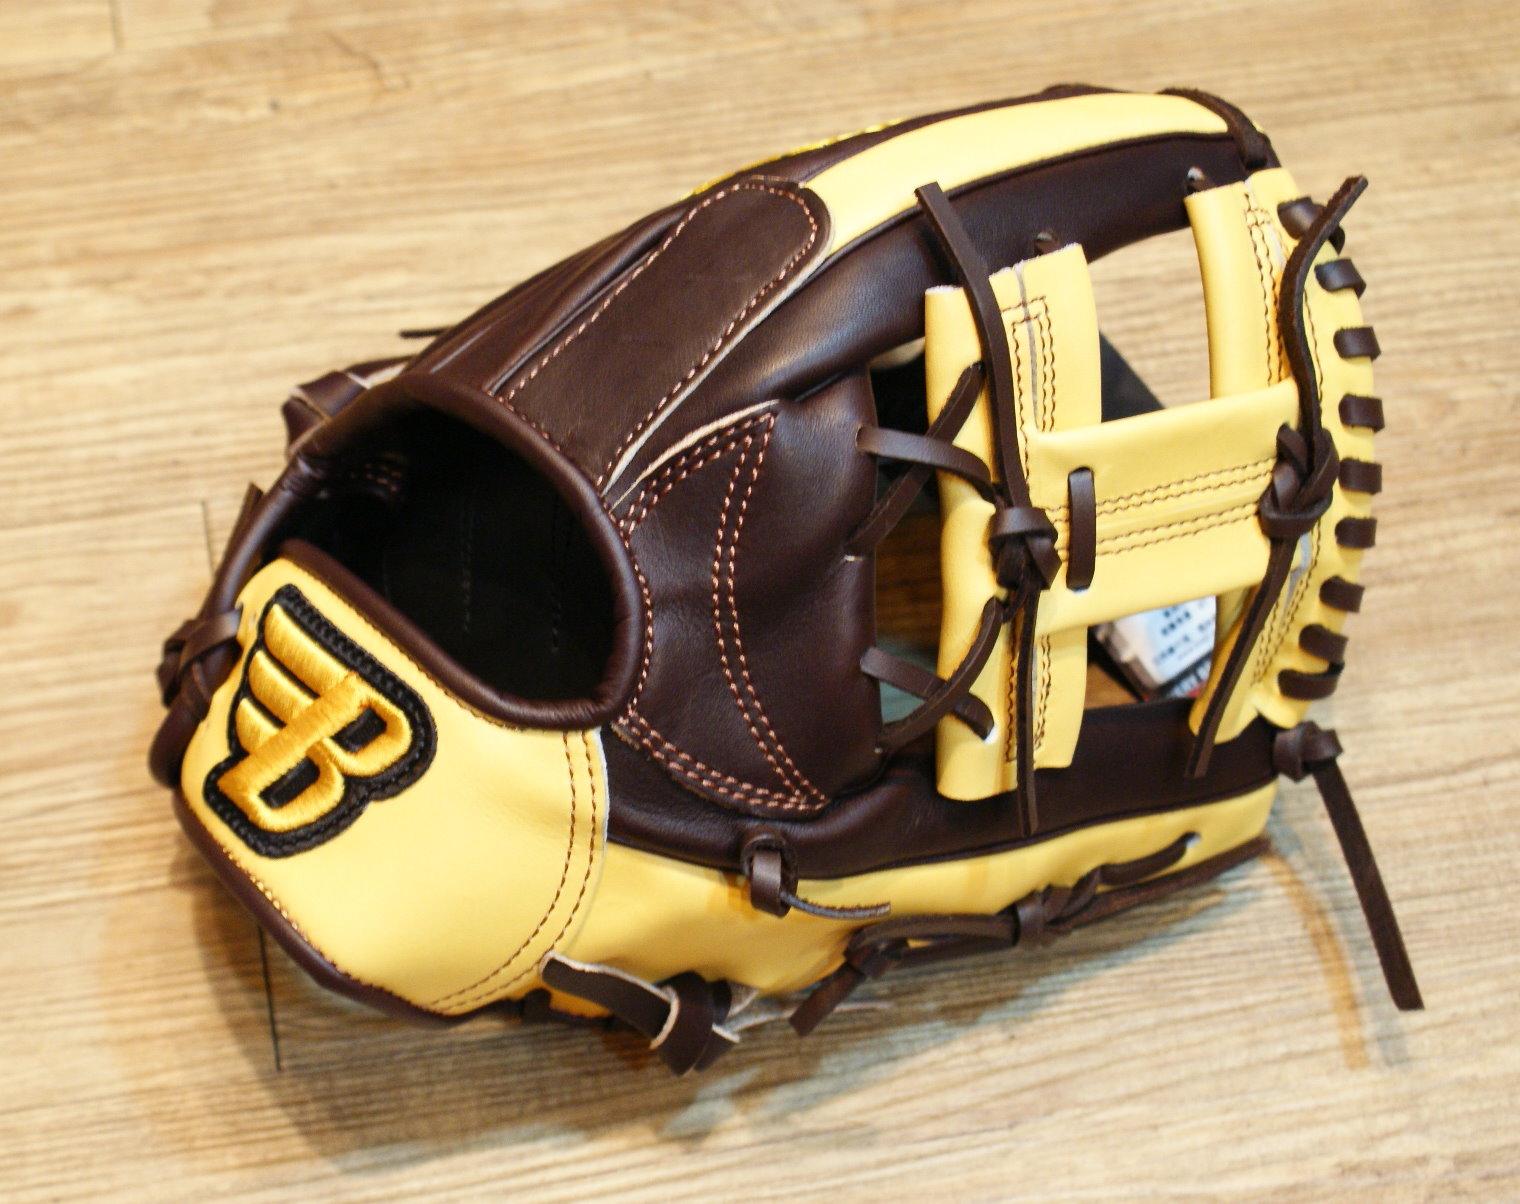 棒球世界 BRETT布瑞特『魂』系列美系雙色硬式棒球手套 特價 11.5吋工字檔